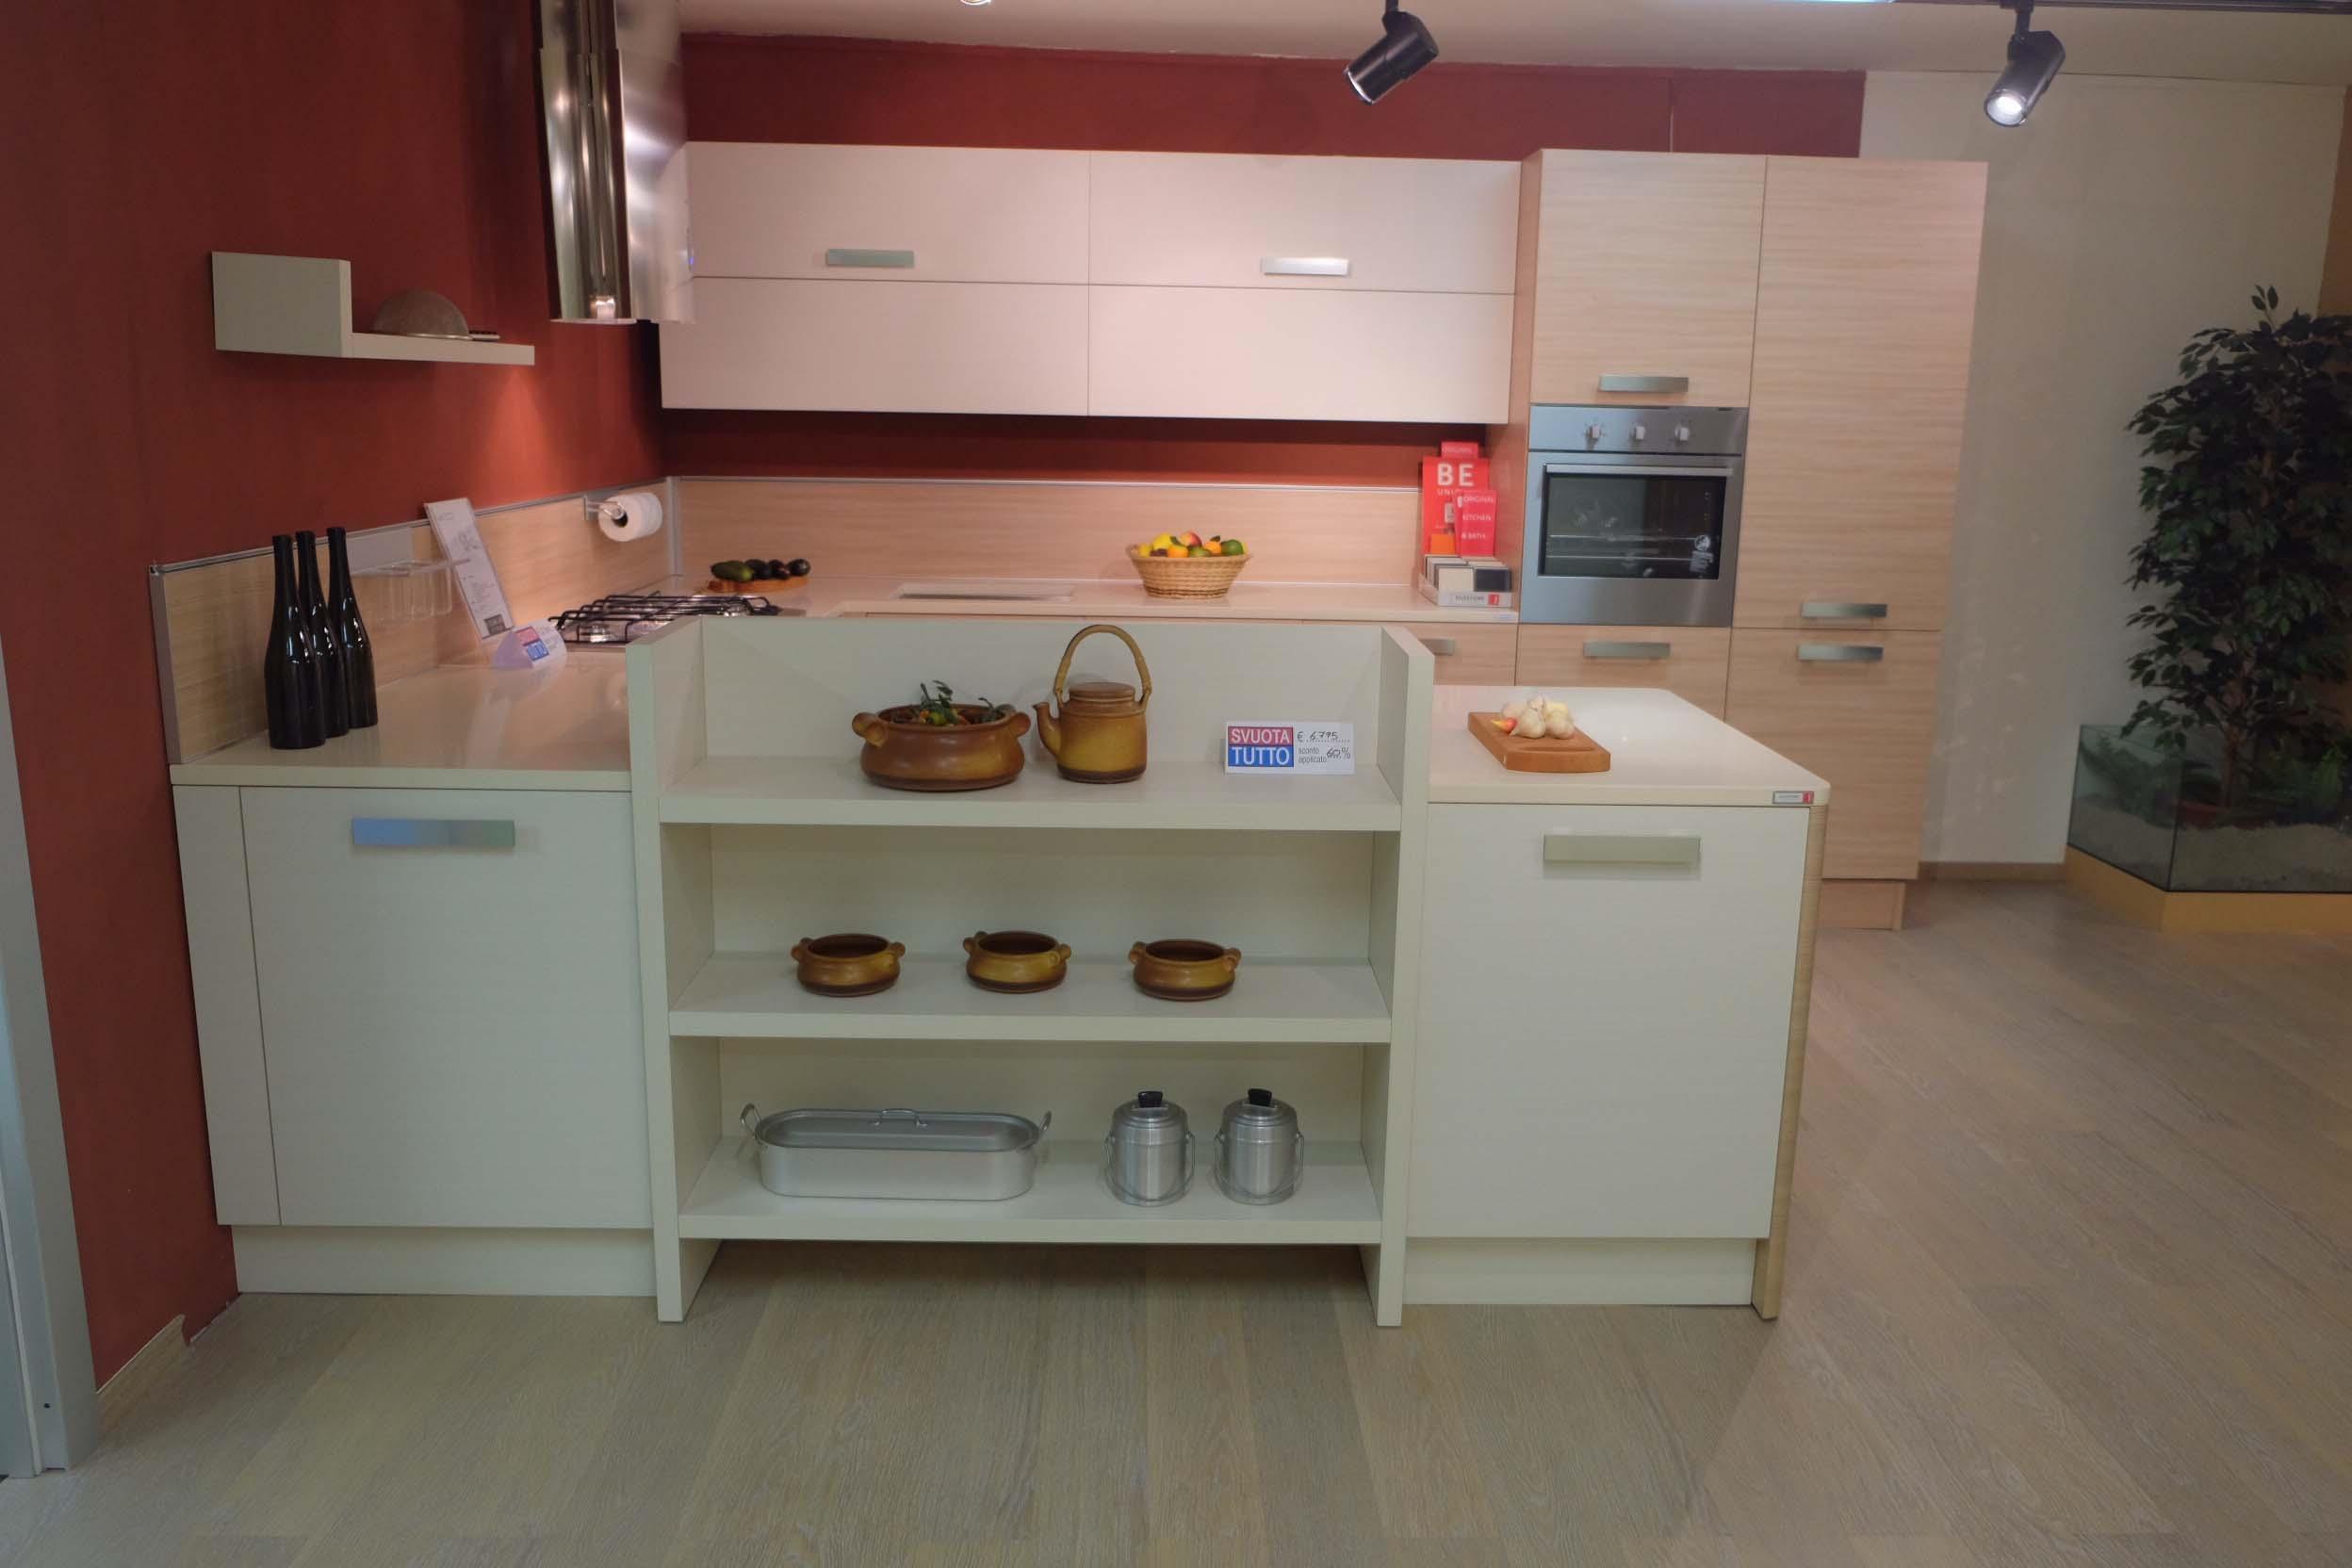 Cucina cesar cucine meg scontato del 63 cucine a - Prezzi cucine cesar ...